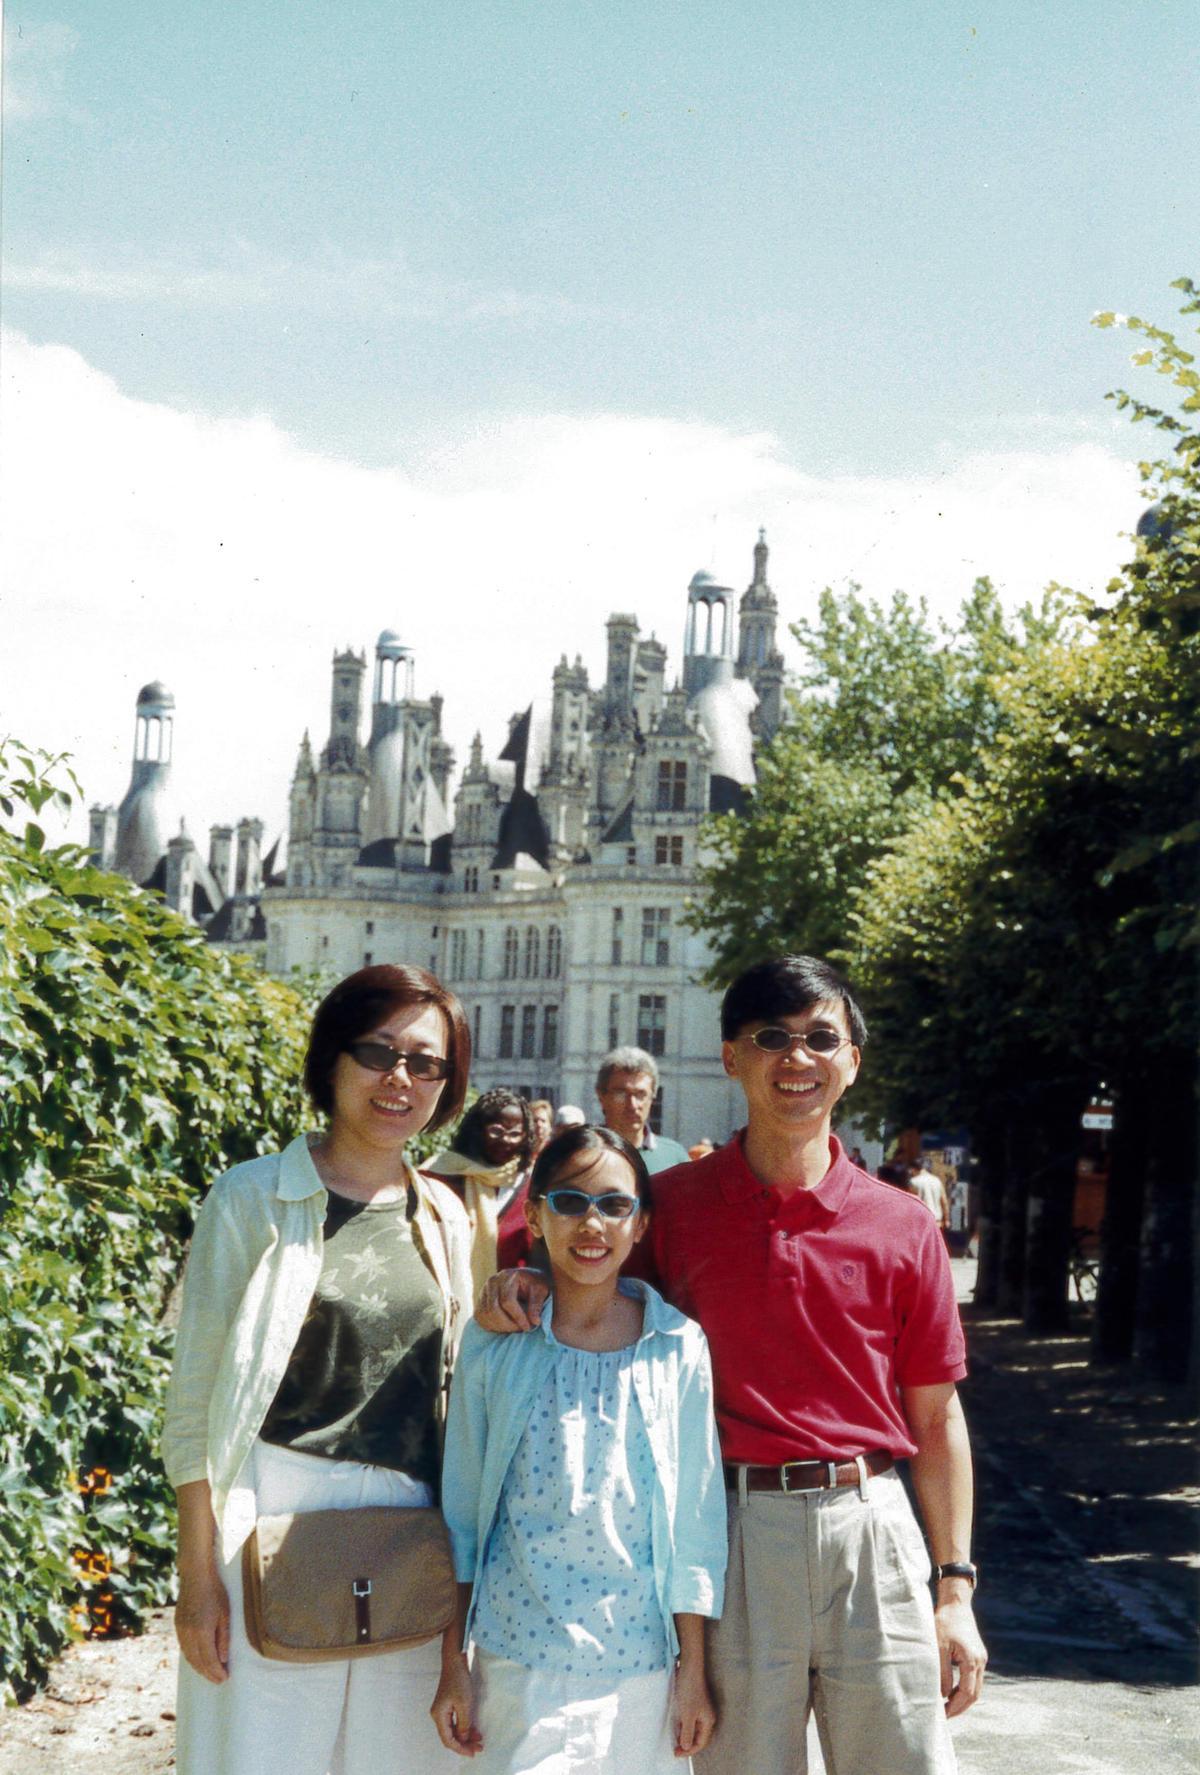 詹金和與妻子郭翠彬育有1女,一家三口感情好,每年全家人都會一起出國旅行。(欣光食品提供)